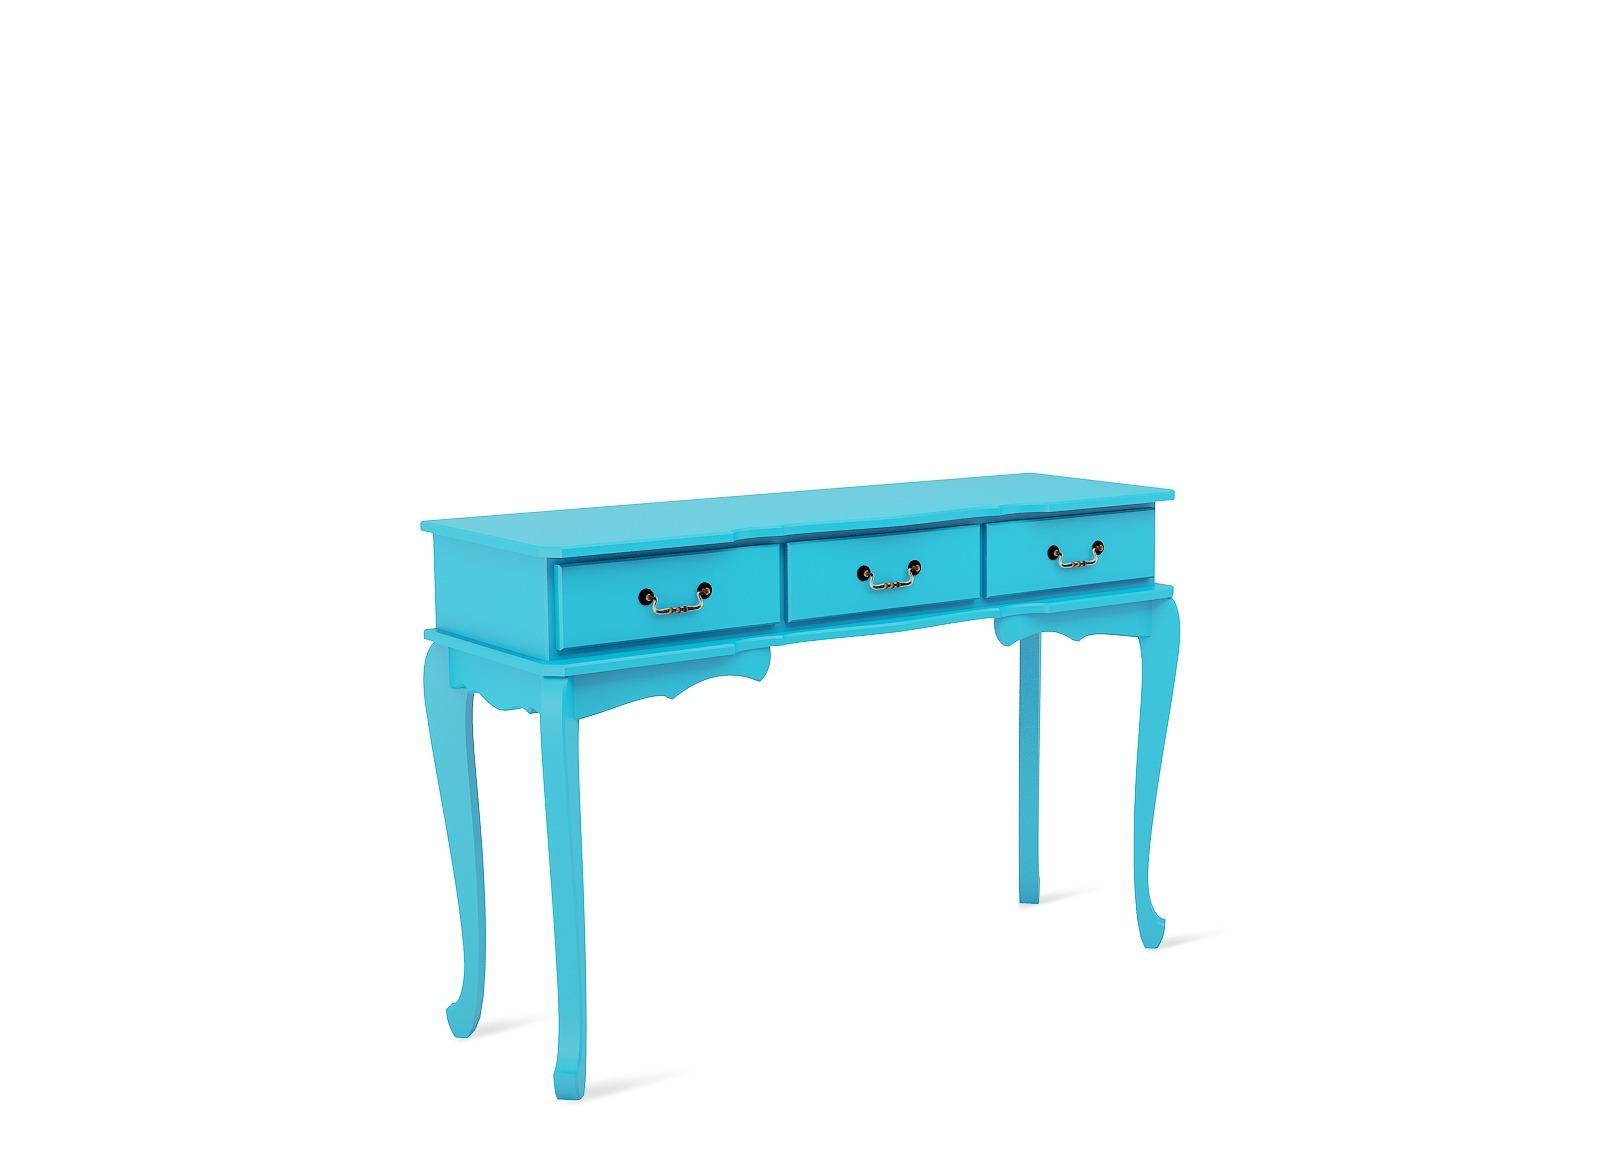 Aparador Aprimore Estilo Vintage Azul Aprimore Móveis e Decoraç u00e3o